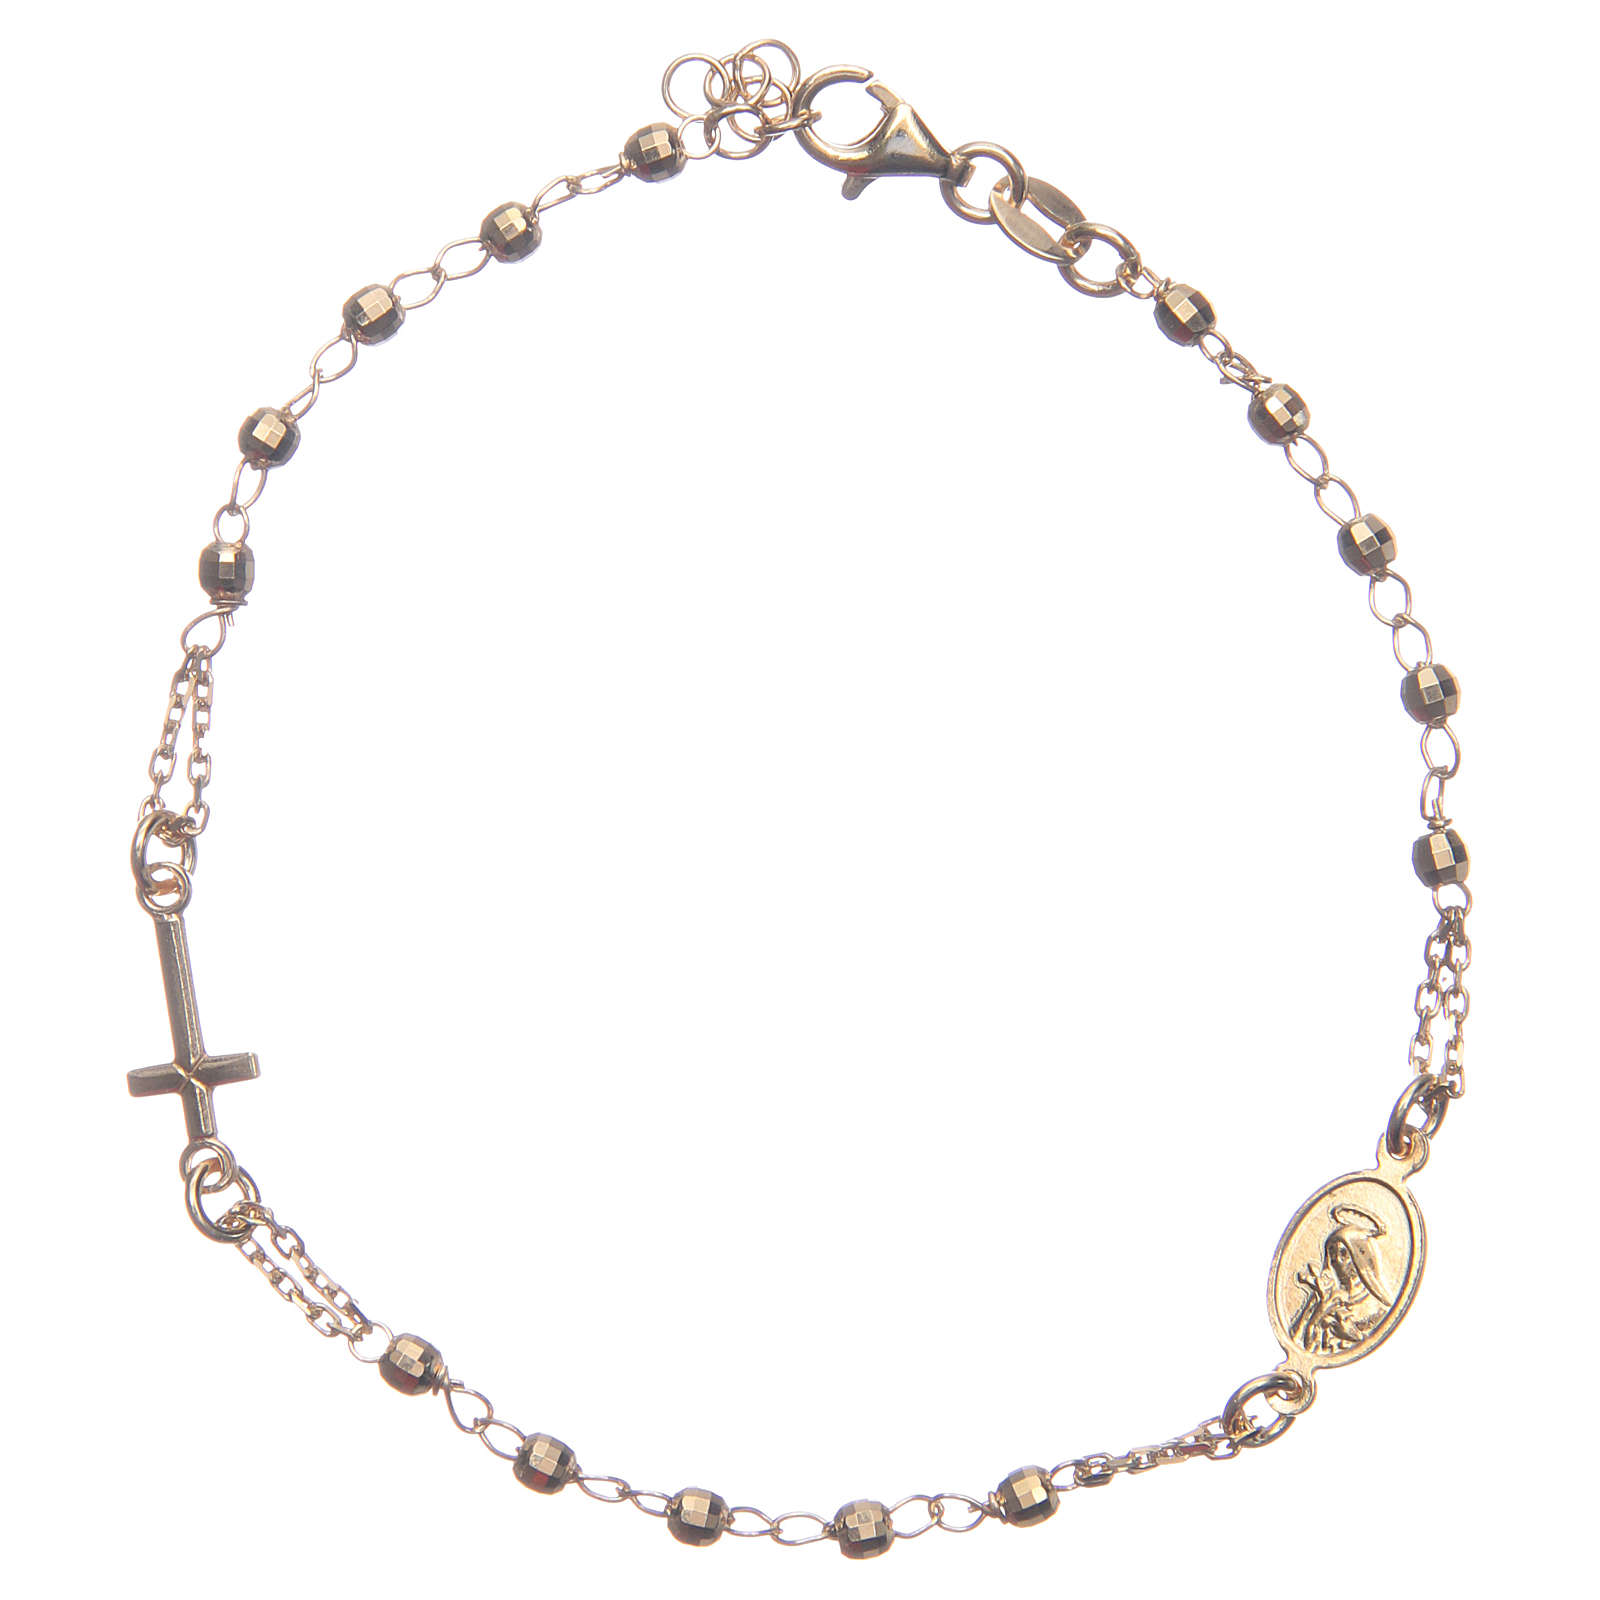 Rosary bracelet Santa Zita gold 925 sterling silver 4